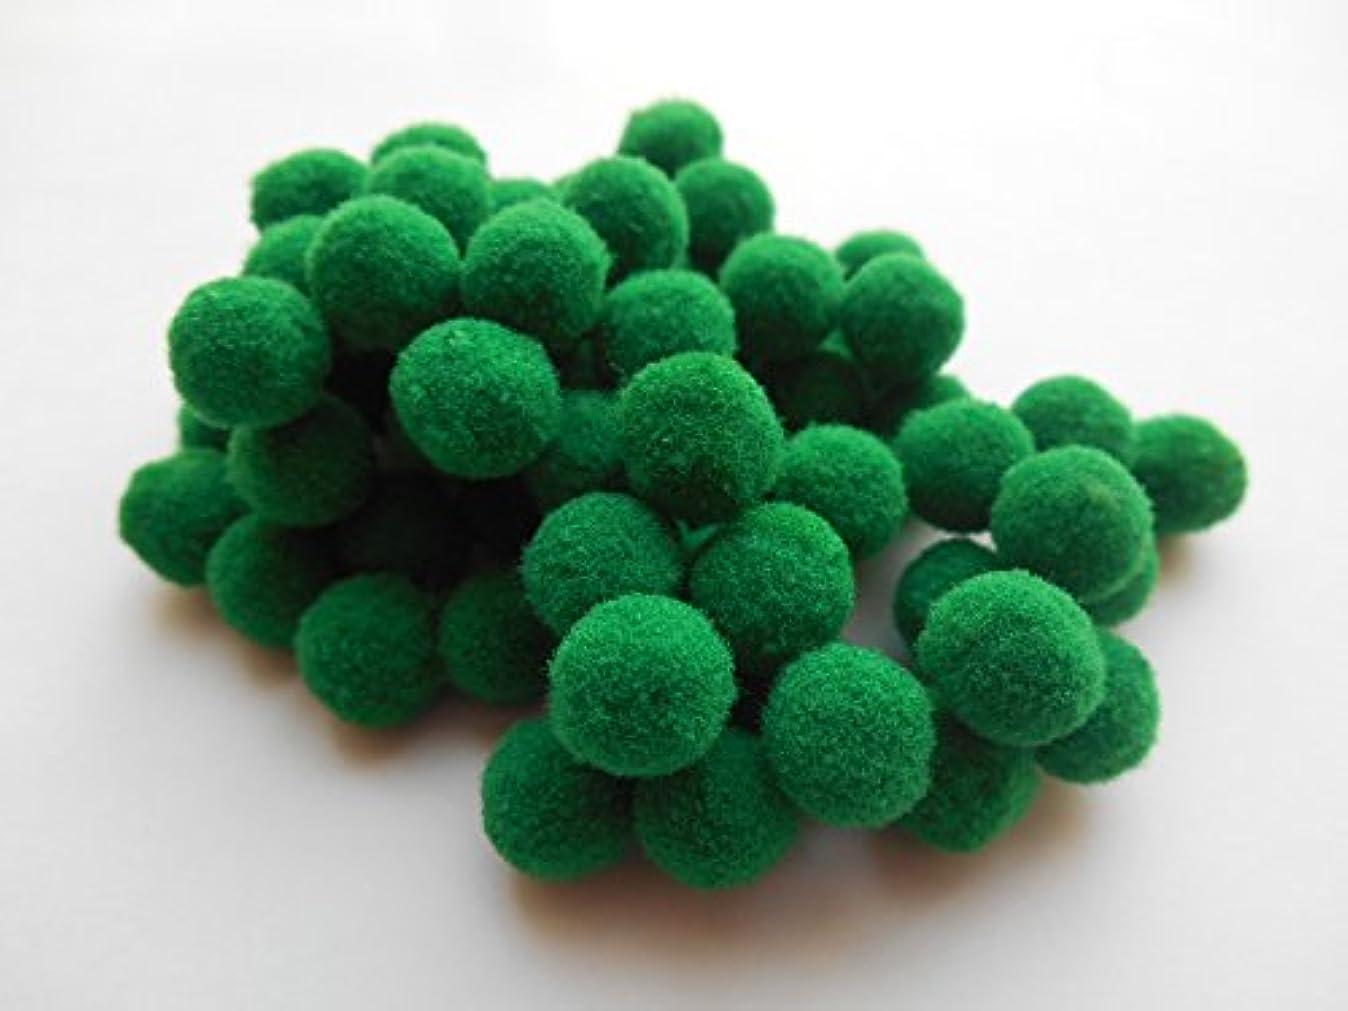 内部グループ迷信ボンボン1cm 緑 グリーン 100個 ボンテン 手芸 マスコット ポンポン